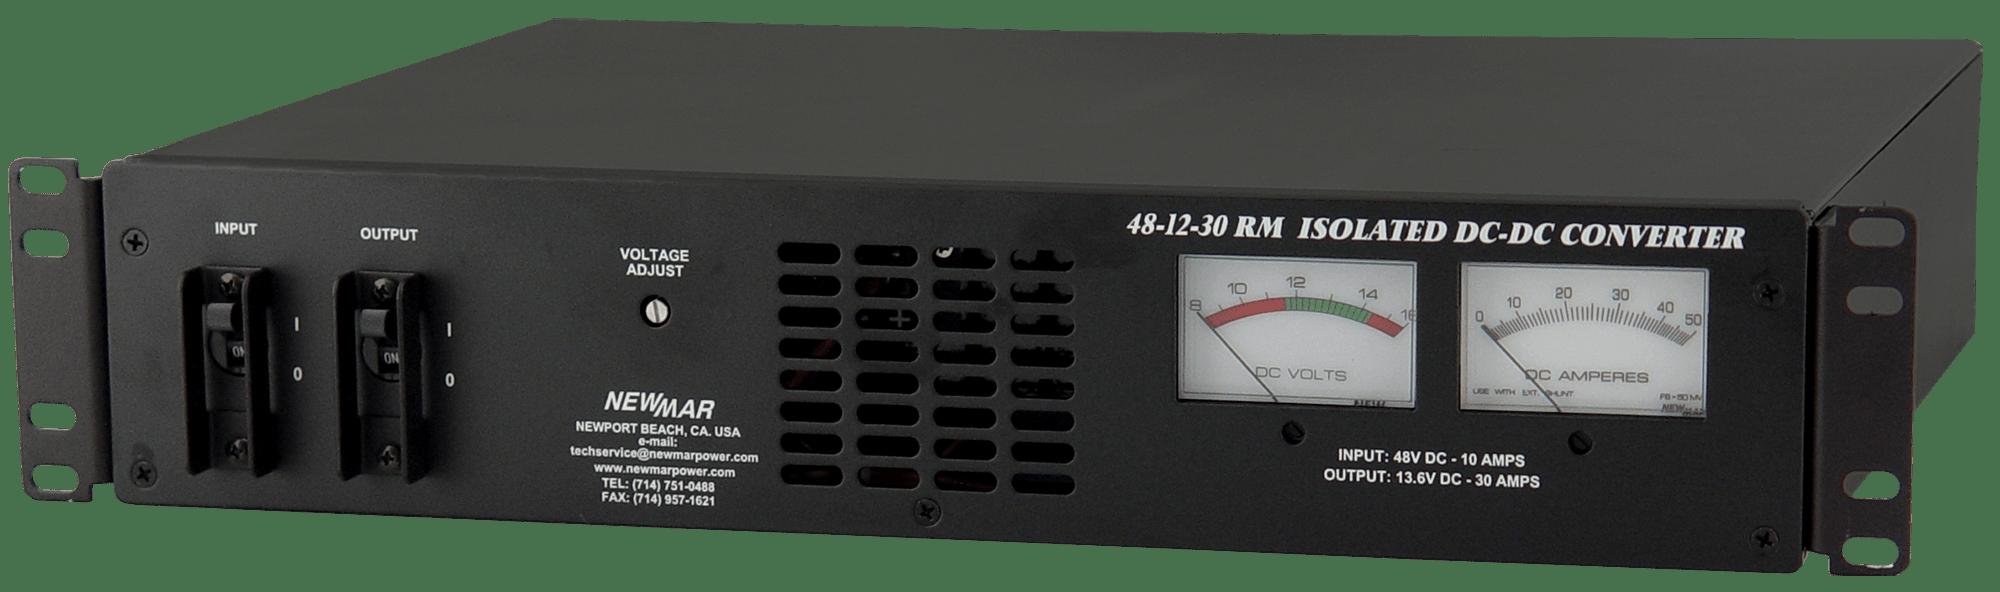 12v Dc Voltage Stabilizer Diagram 12v Dc Voltage Stabilizer Diagram